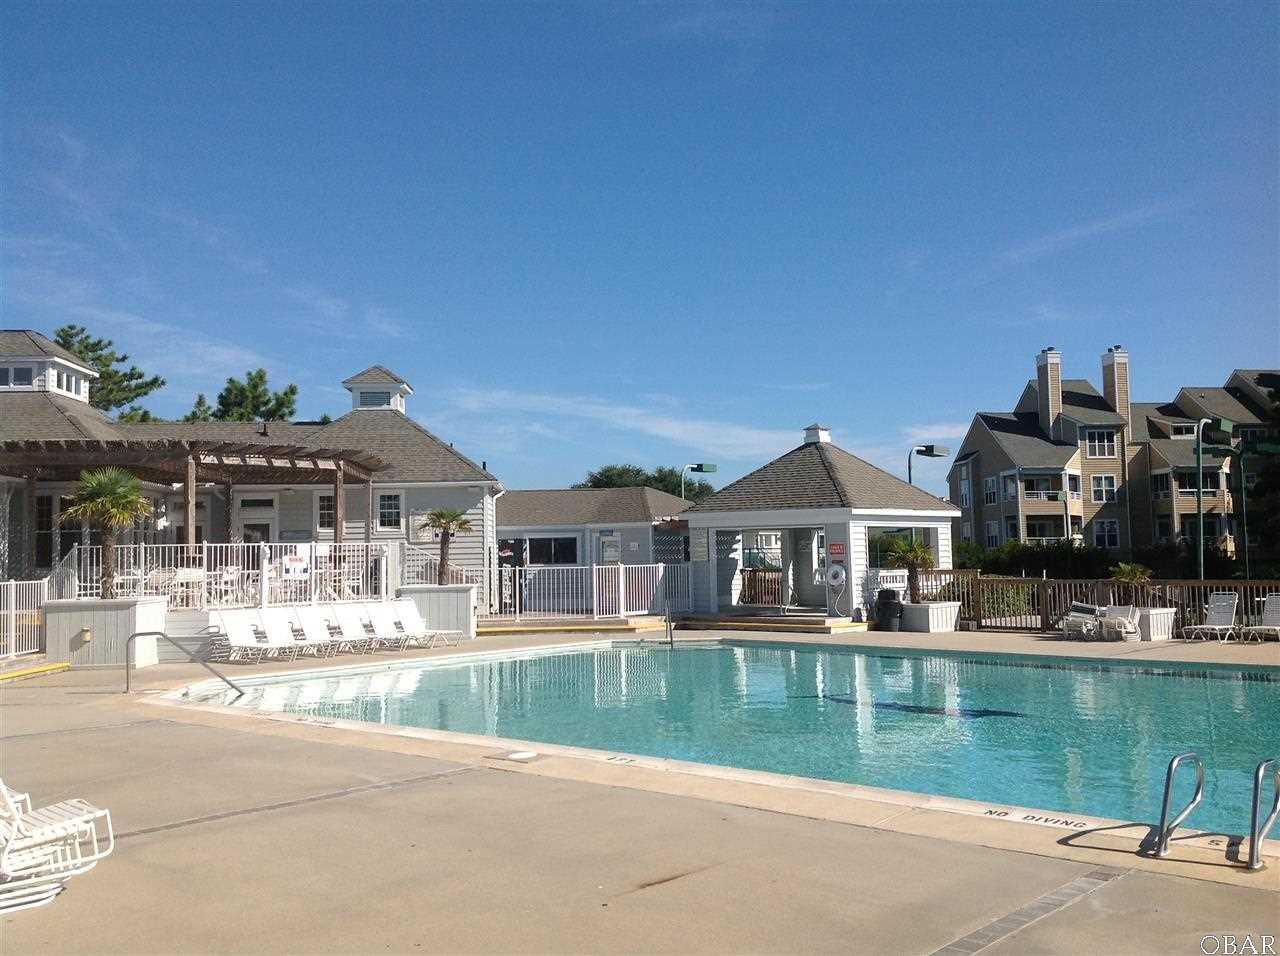 1122 Pirates Way,Manteo,NC 27954,3 Bedrooms Bedrooms,2 BathroomsBathrooms,Residential,Pirates Way,86924